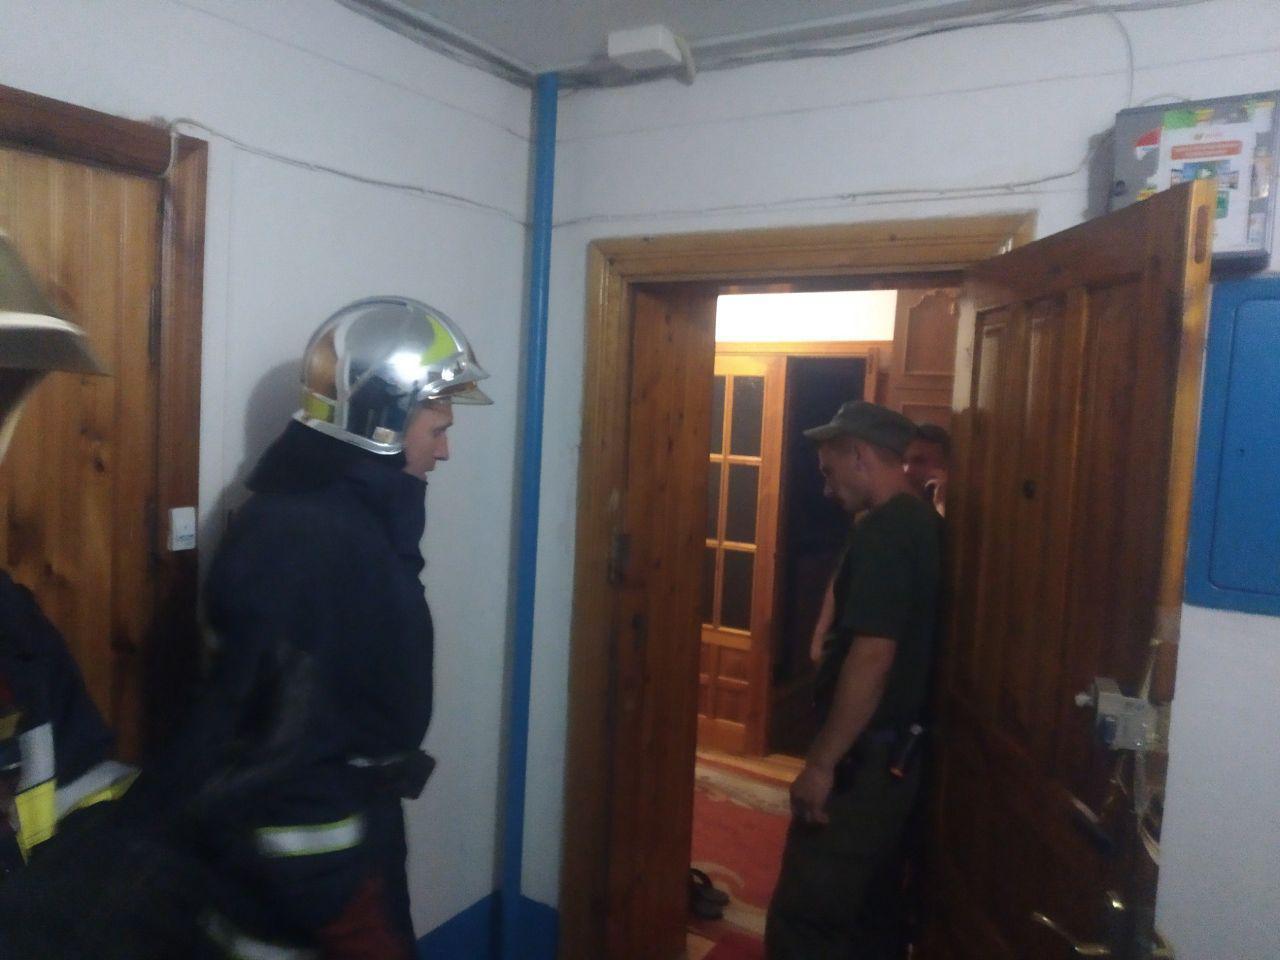 Рівненські рятувальники знайшли мертвого чоловіка у його власній квартирі